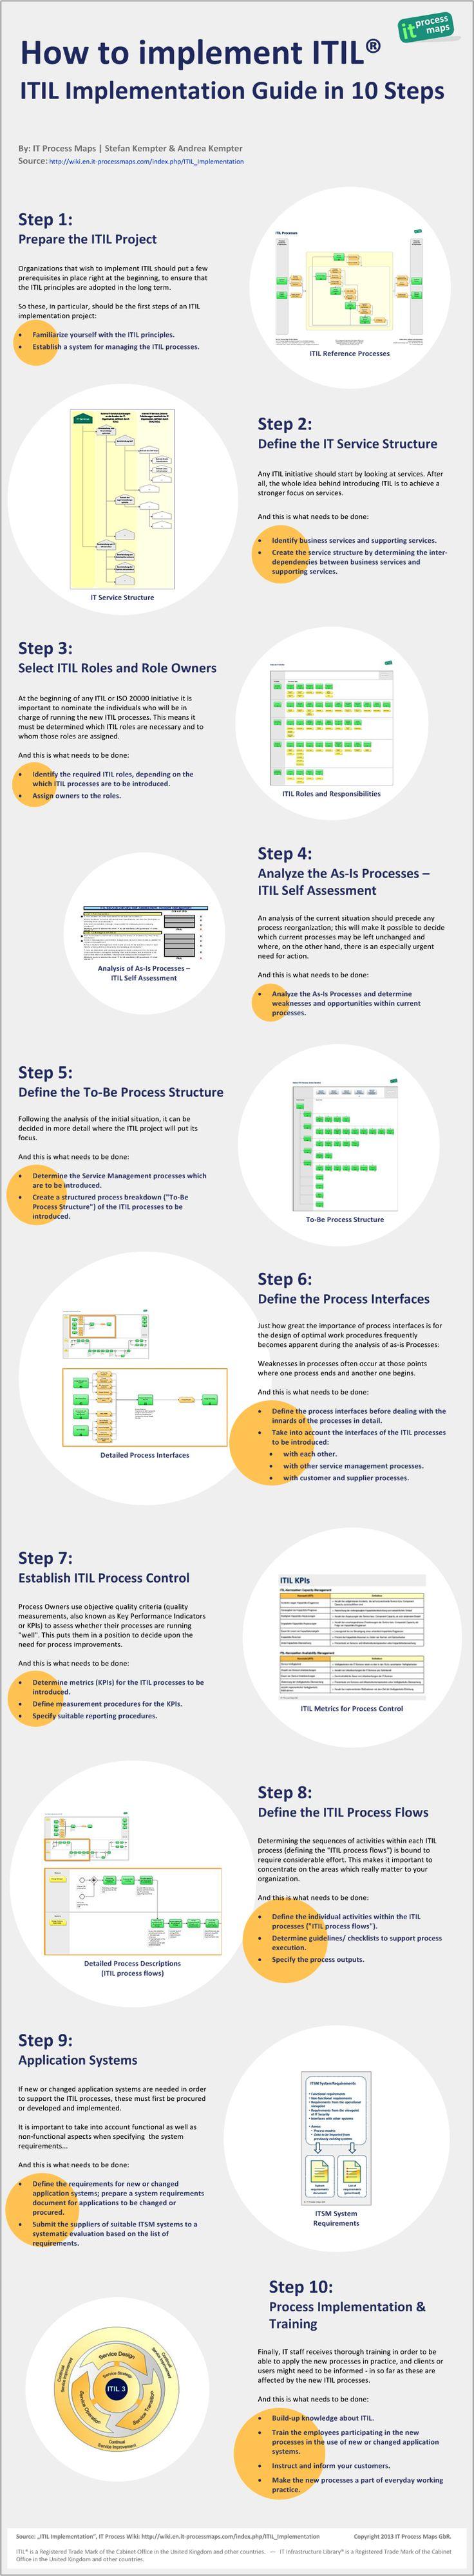 Como implementar ITIL em 10 passos